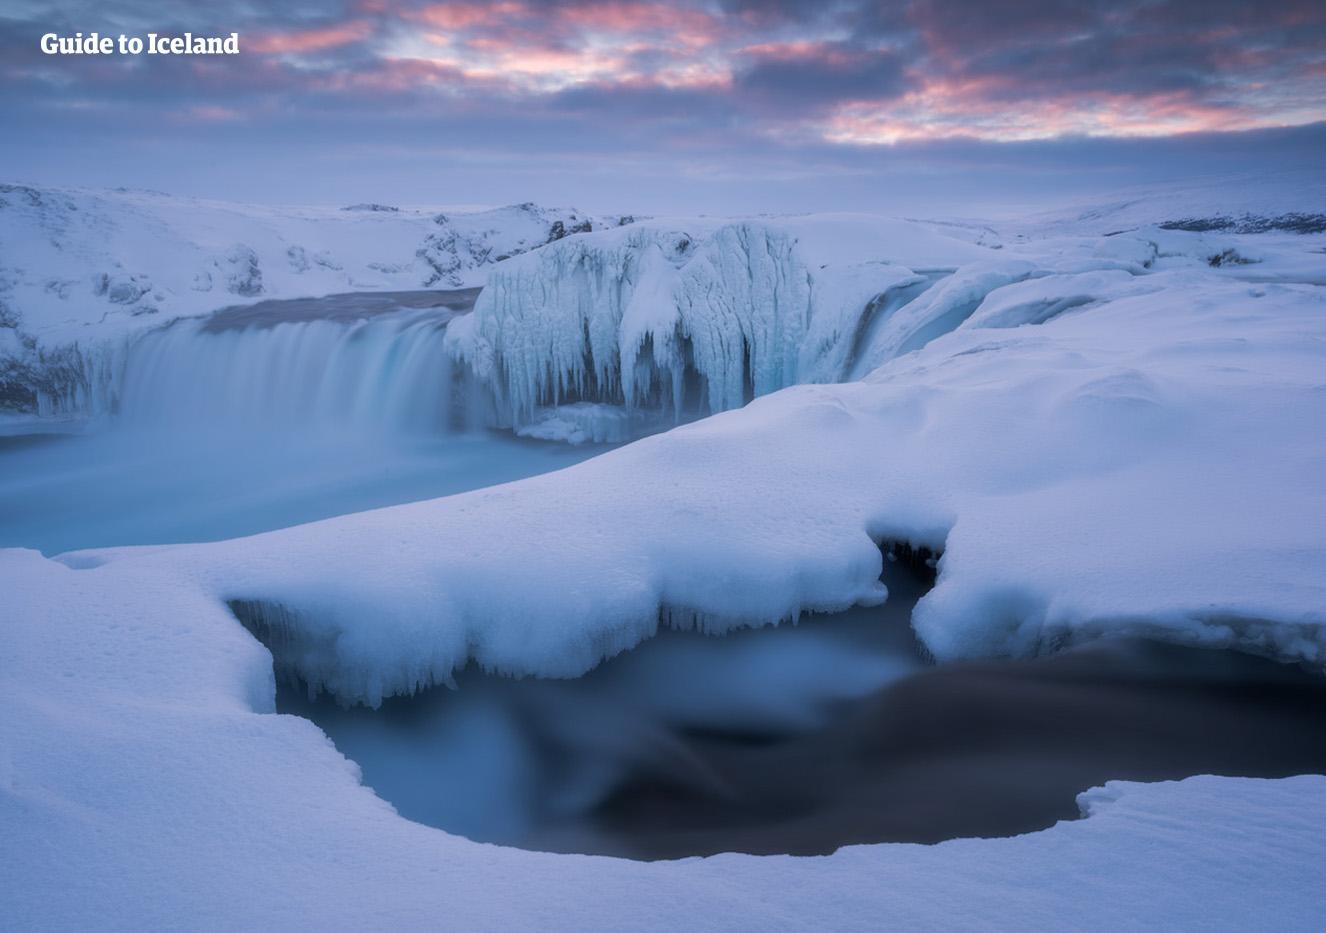 冰岛北部之都阿克雷里城市中有许多北欧风的建筑物